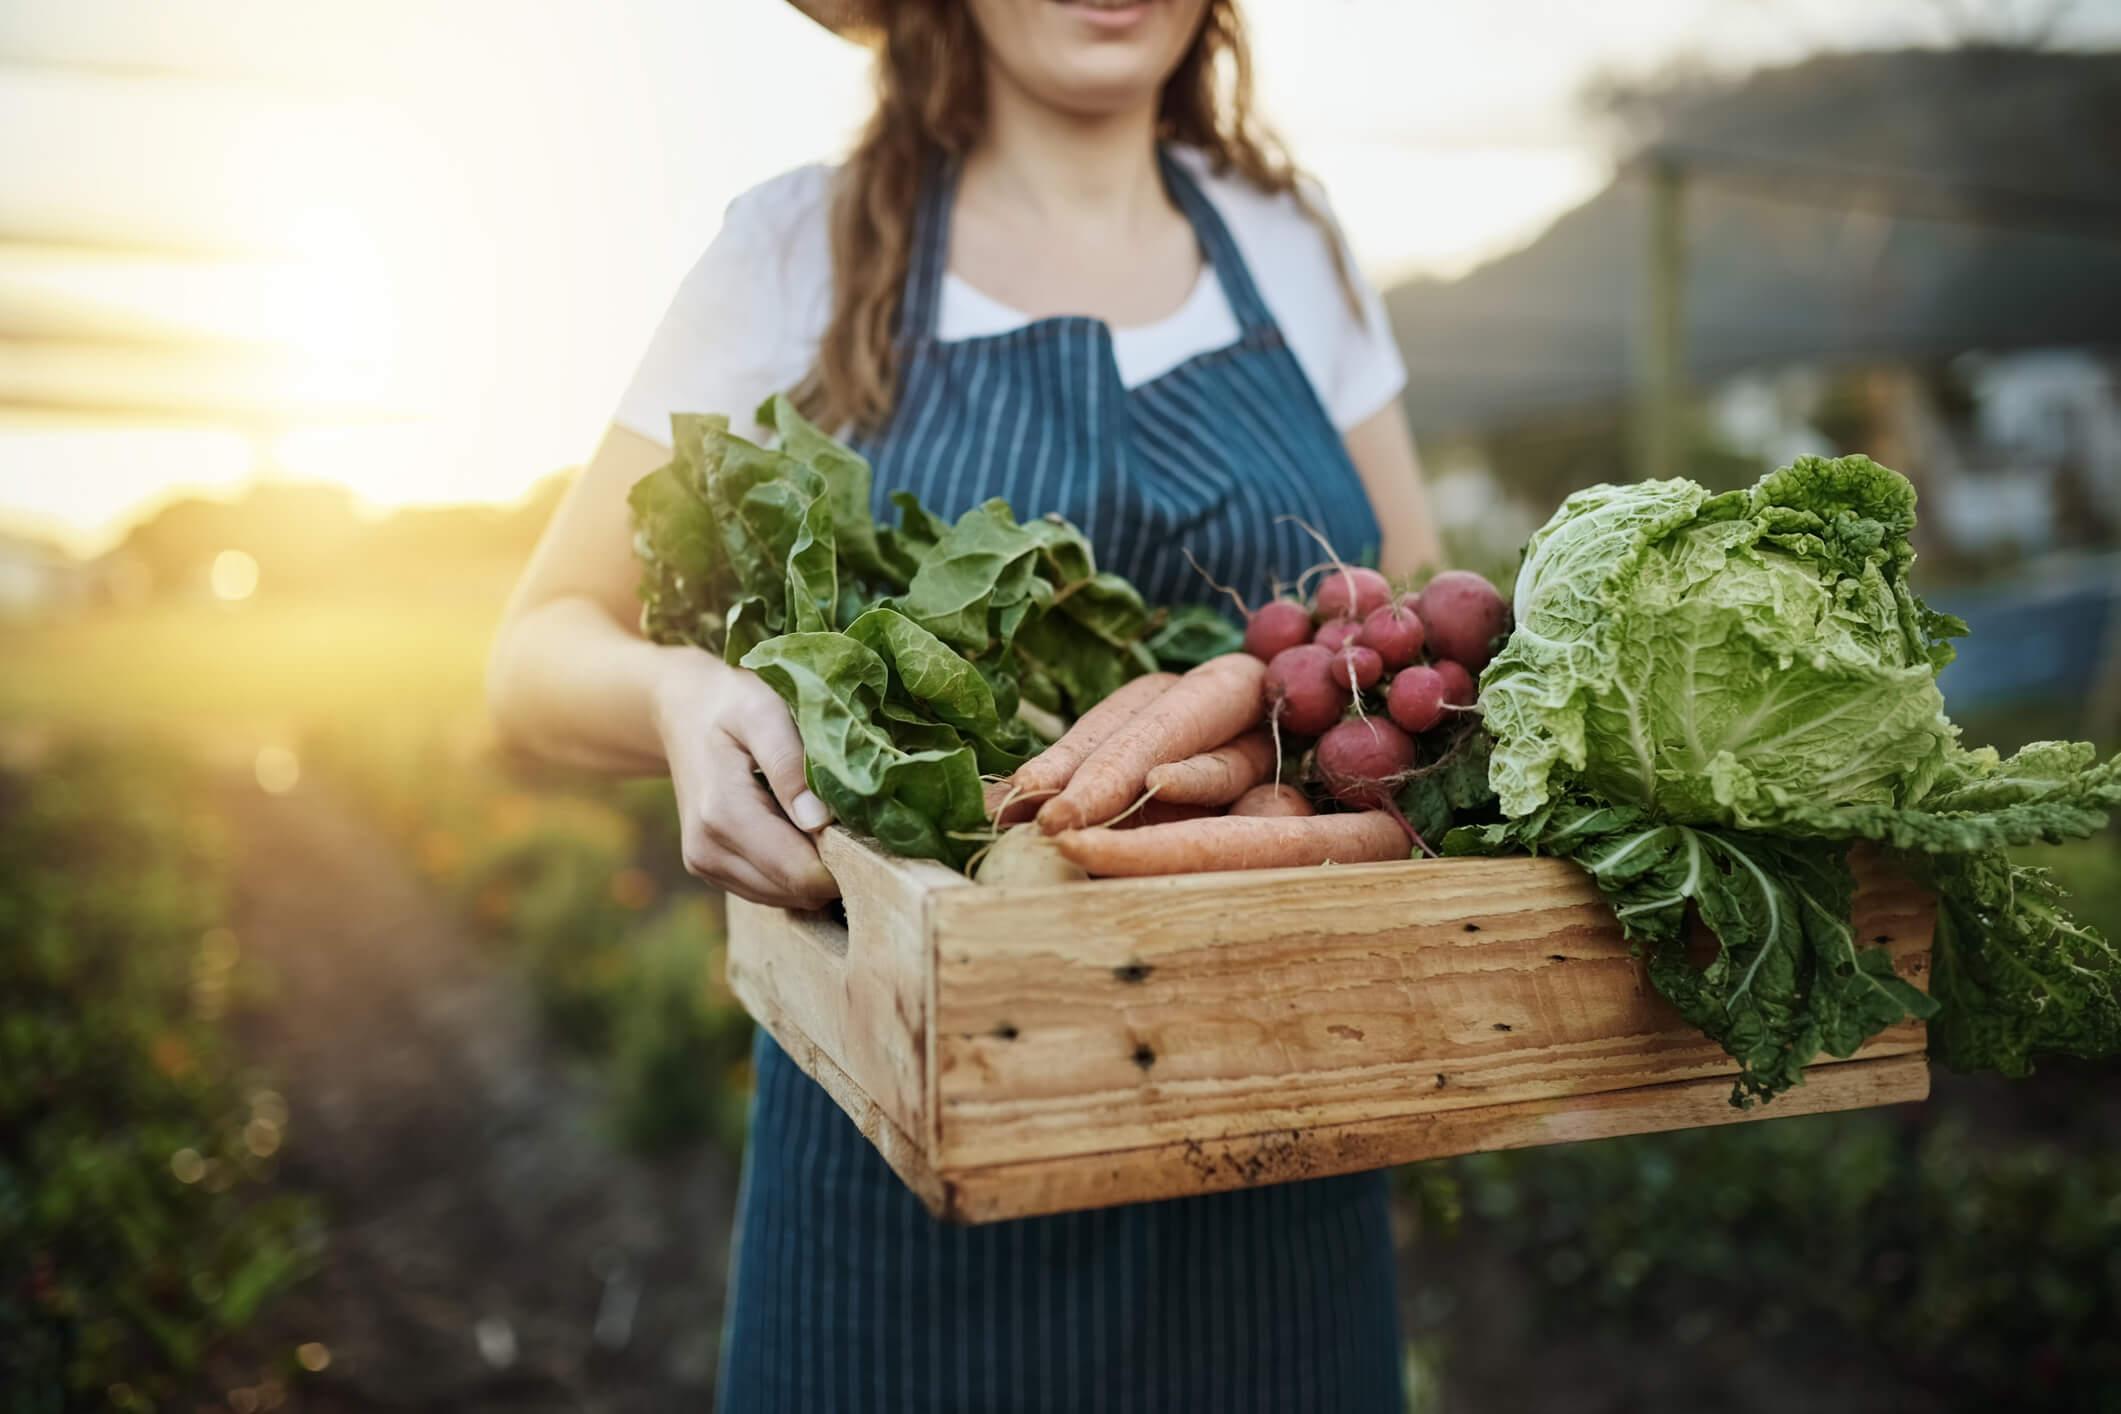 Quer aprender como rechear o seu cardápio de maneira simples com alimentos ricos em minerais? Acesse o nosso post e confira as informações!